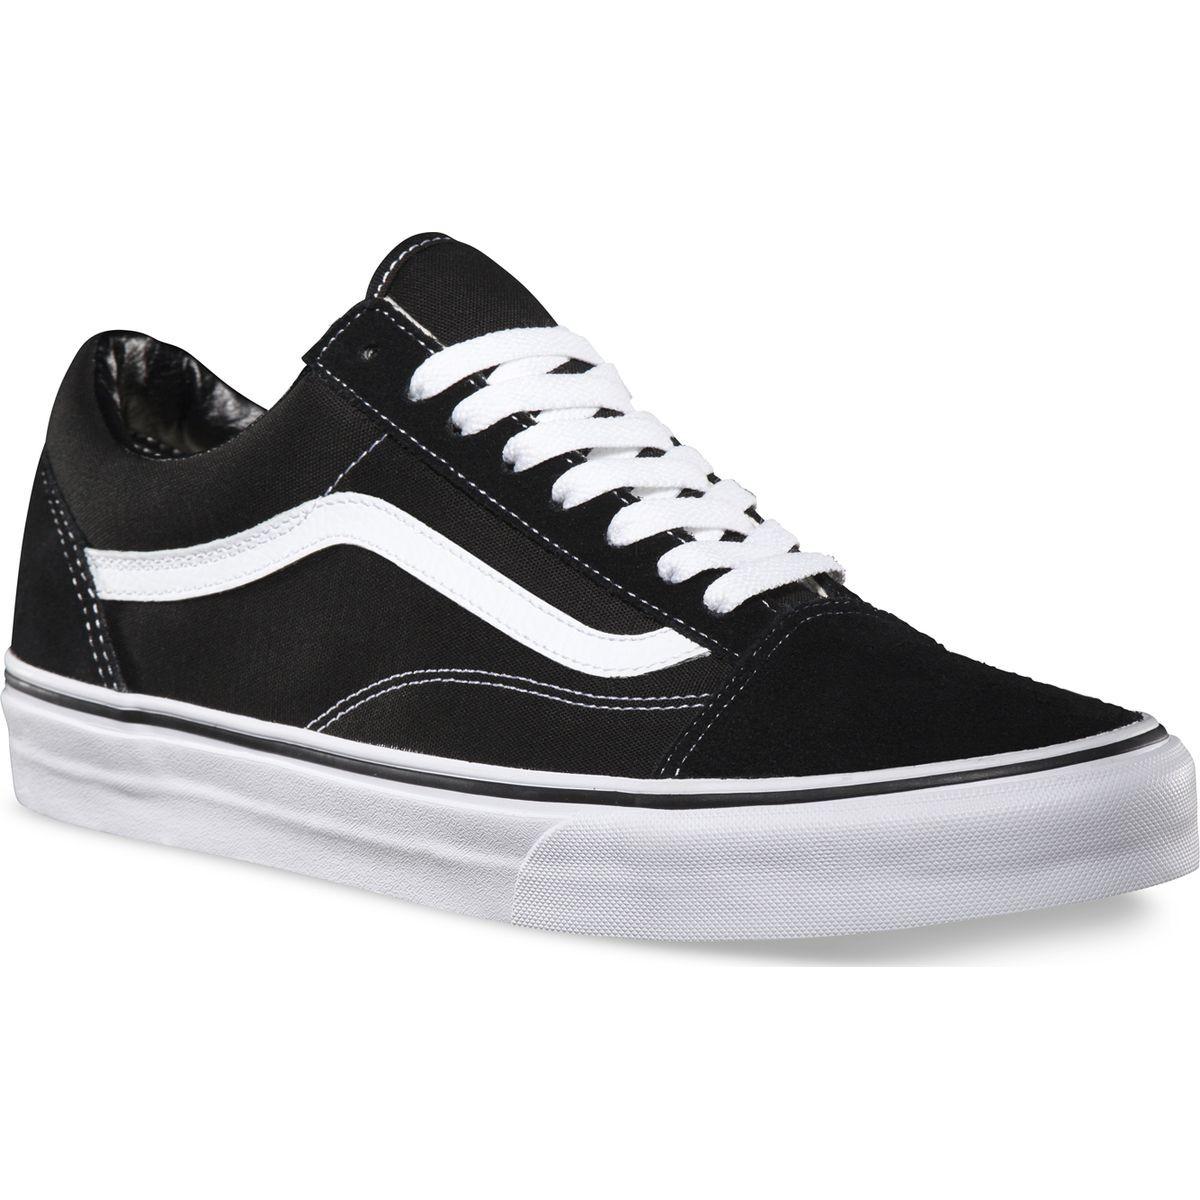 vans-old-skool-shoes-black-white-main.1495767025.jpg